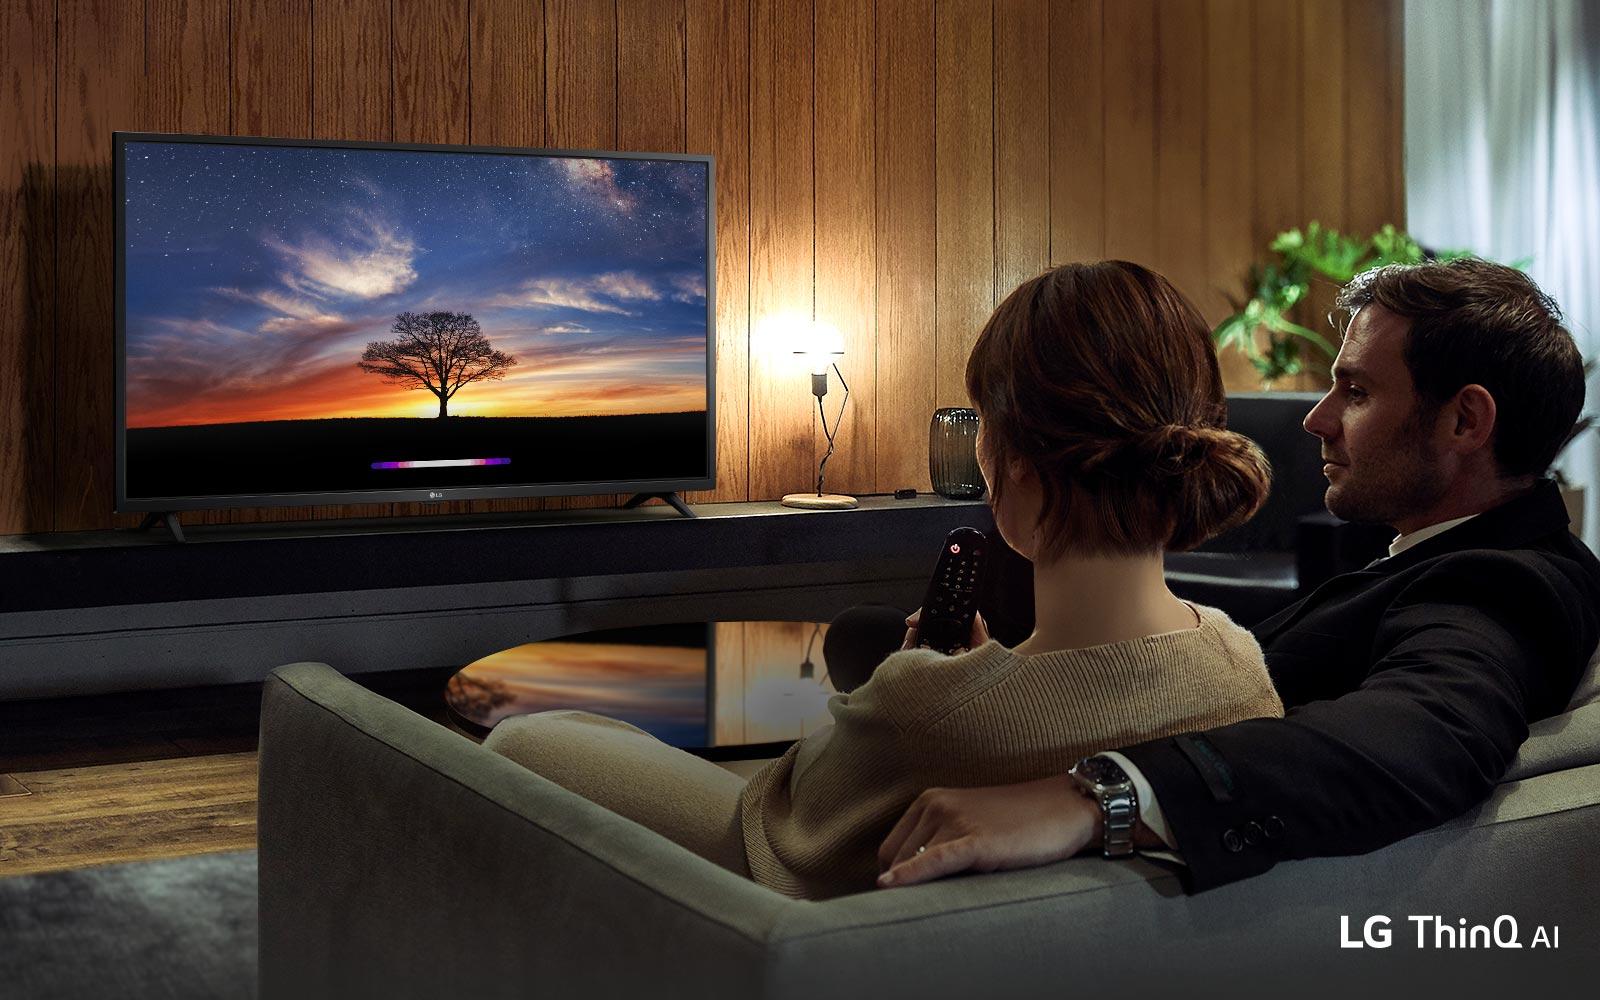 AI LG TV Inteligencia Artificial